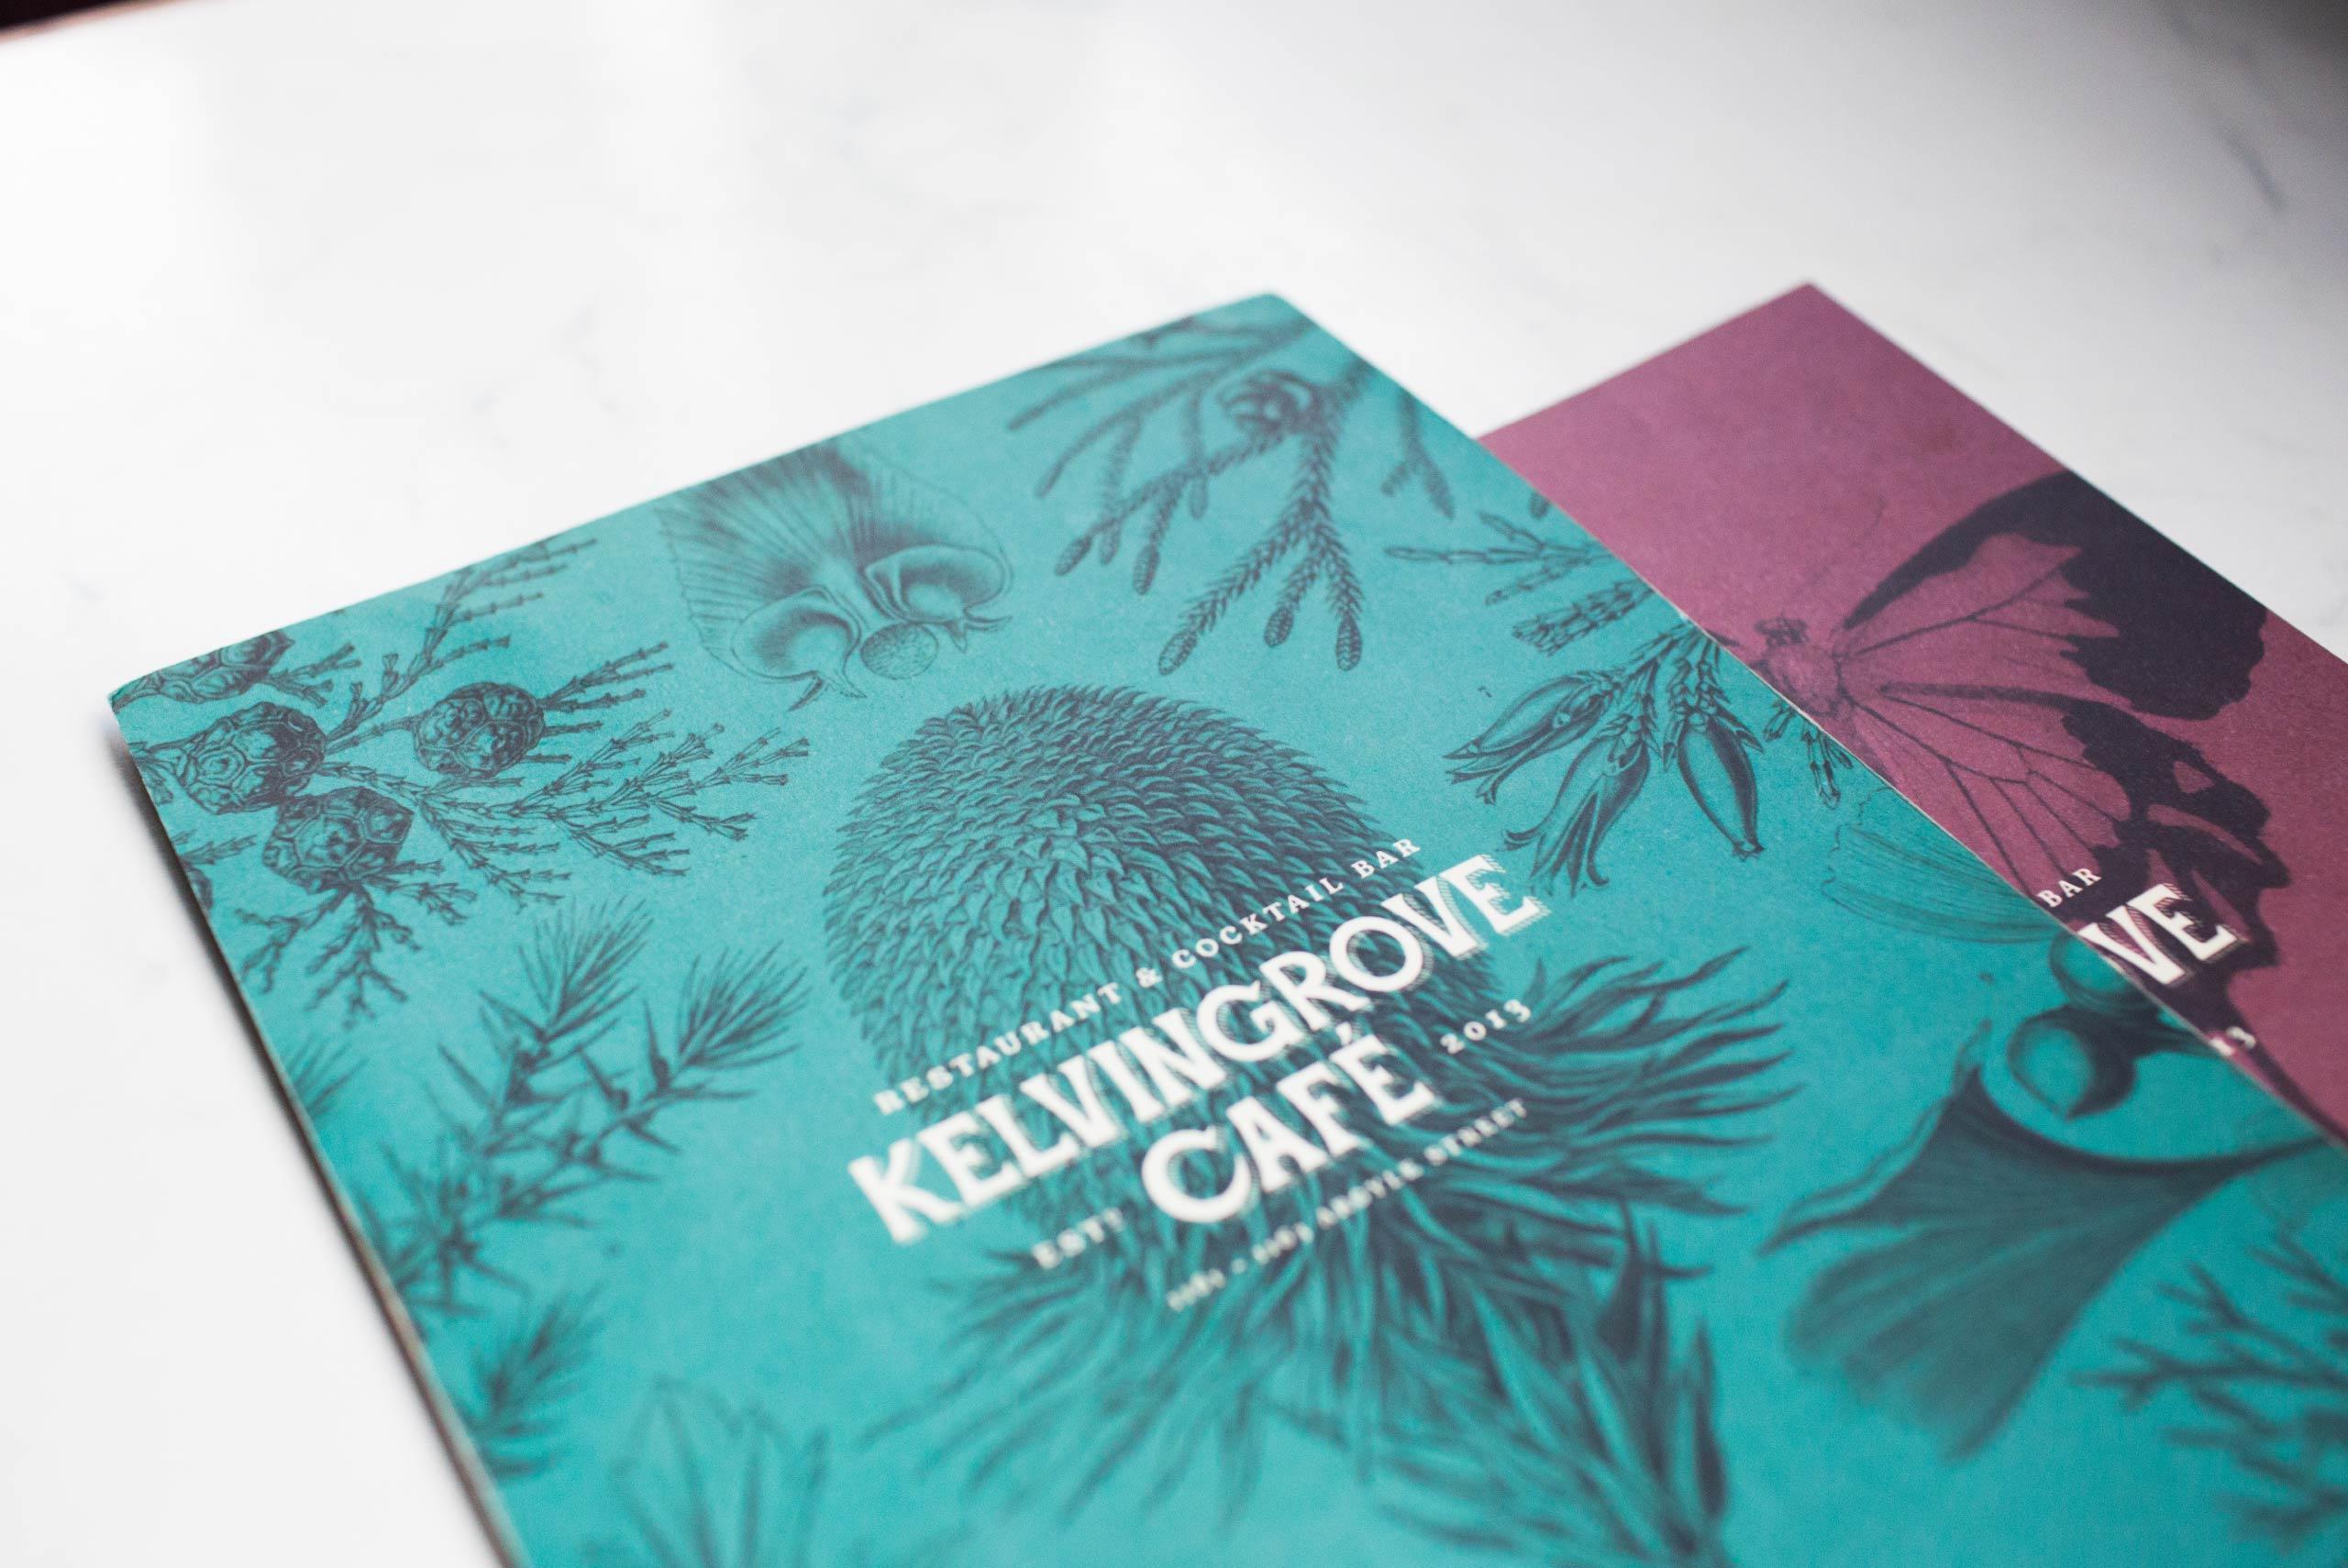 Studio Rollmo-Kelvingrove Cafe5